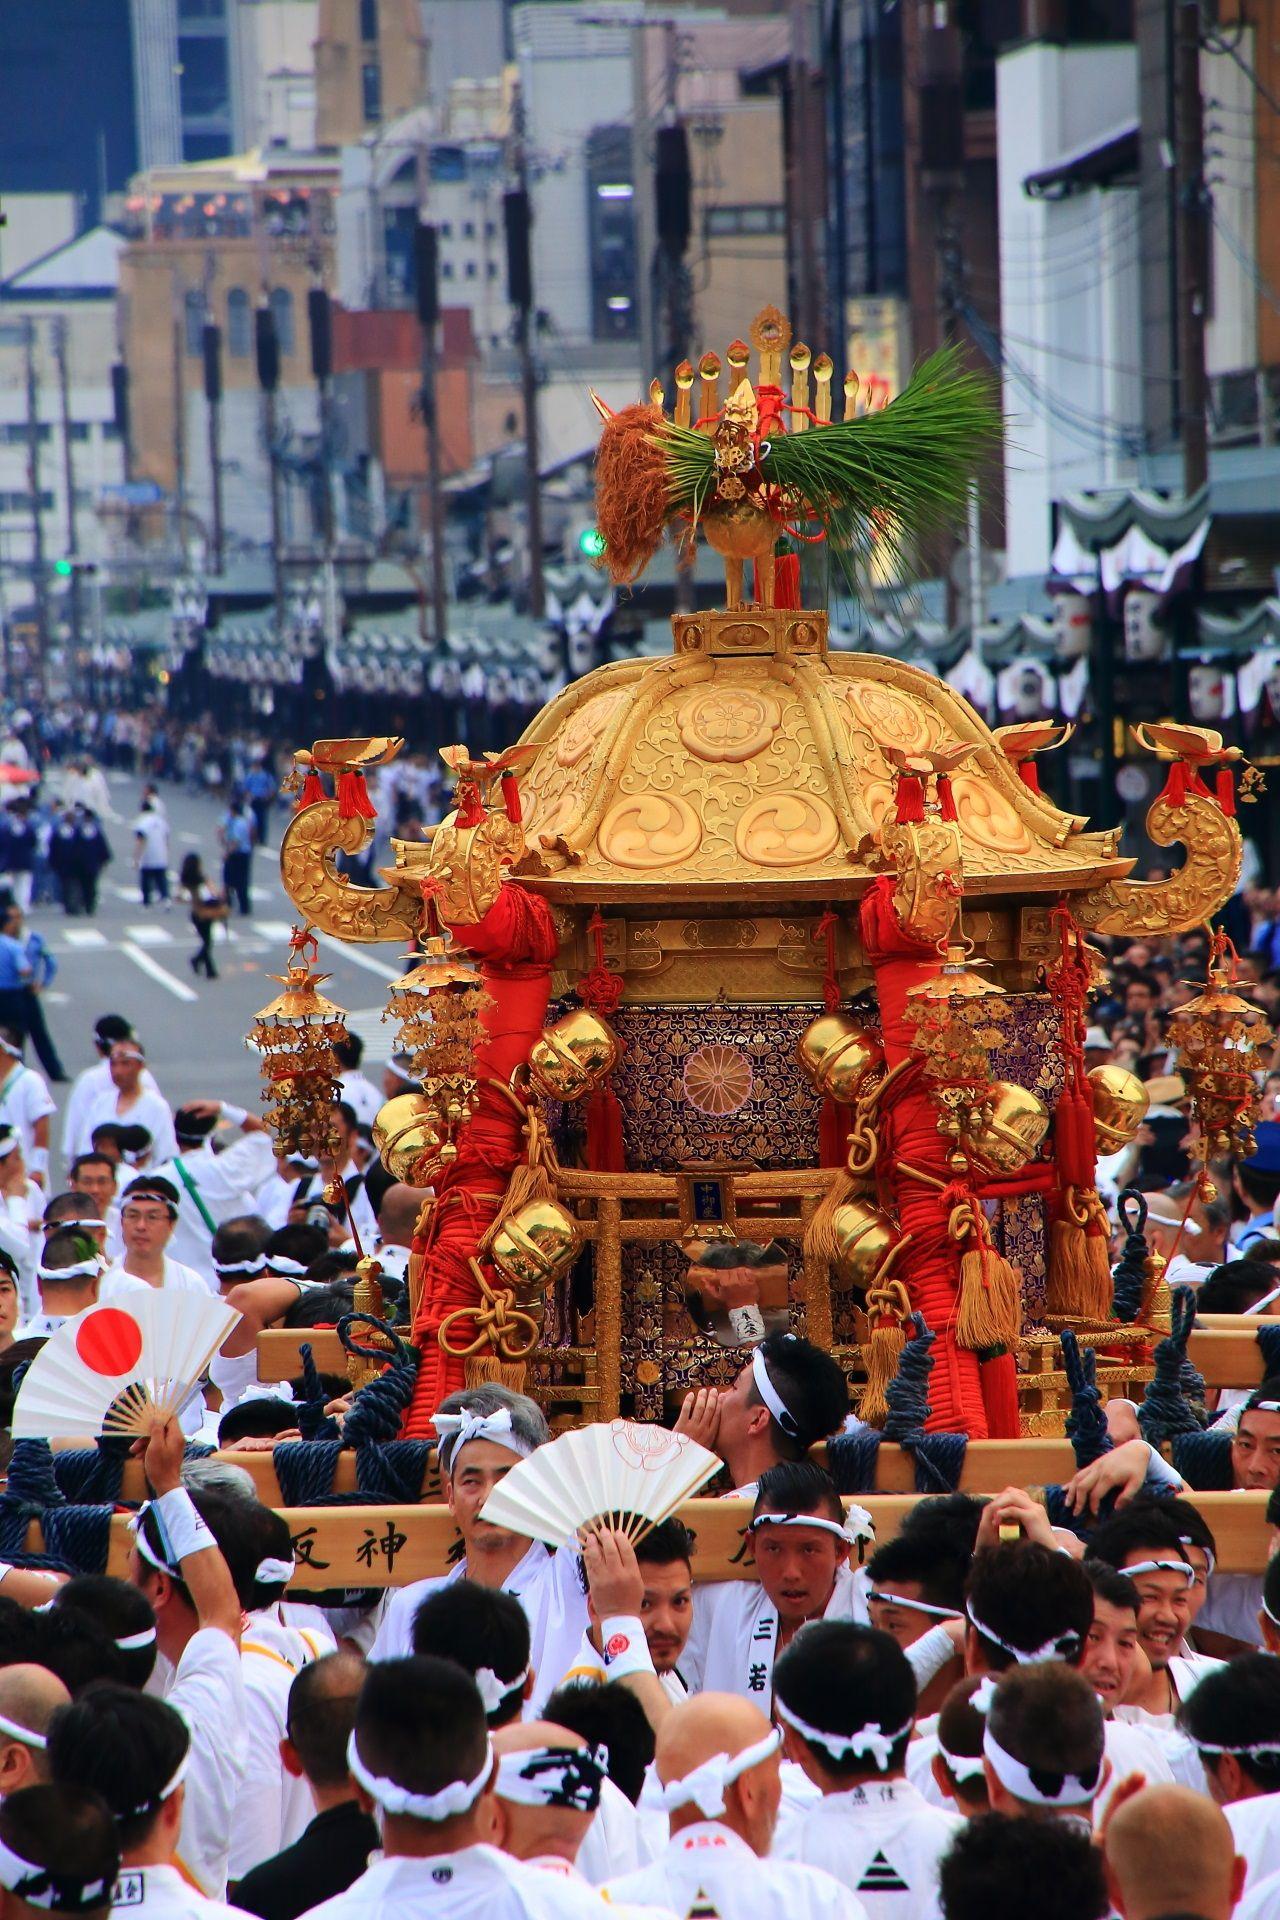 暑い夏の神幸祭とお神輿 平成最後の祇園祭 | 日本 祭り, 祭, 祇園祭り